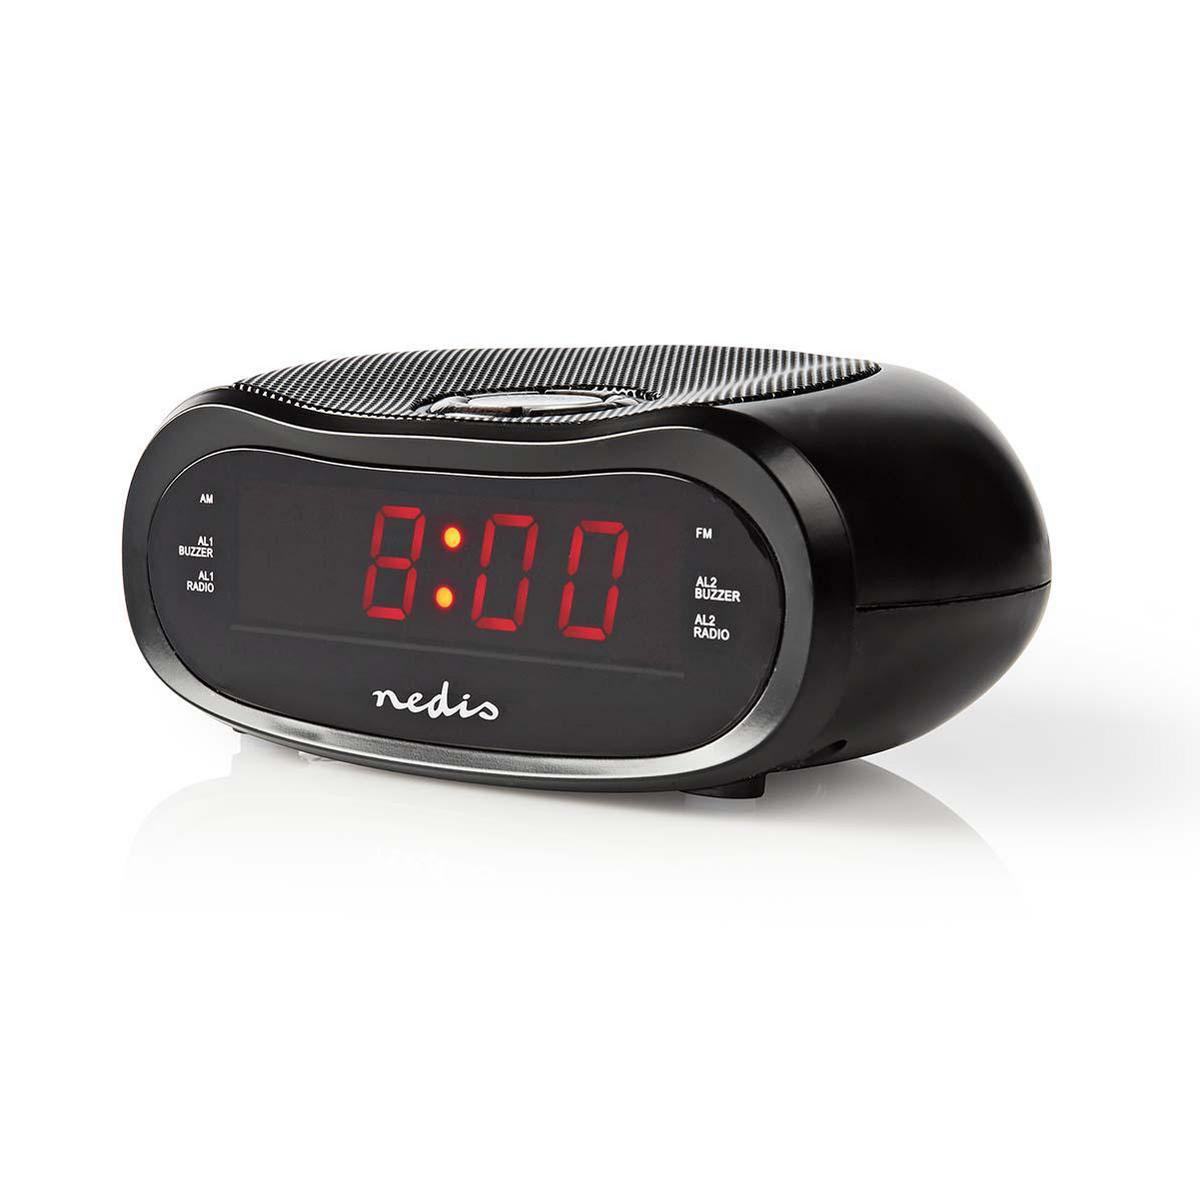 Digitale Wekkerradio met rood display